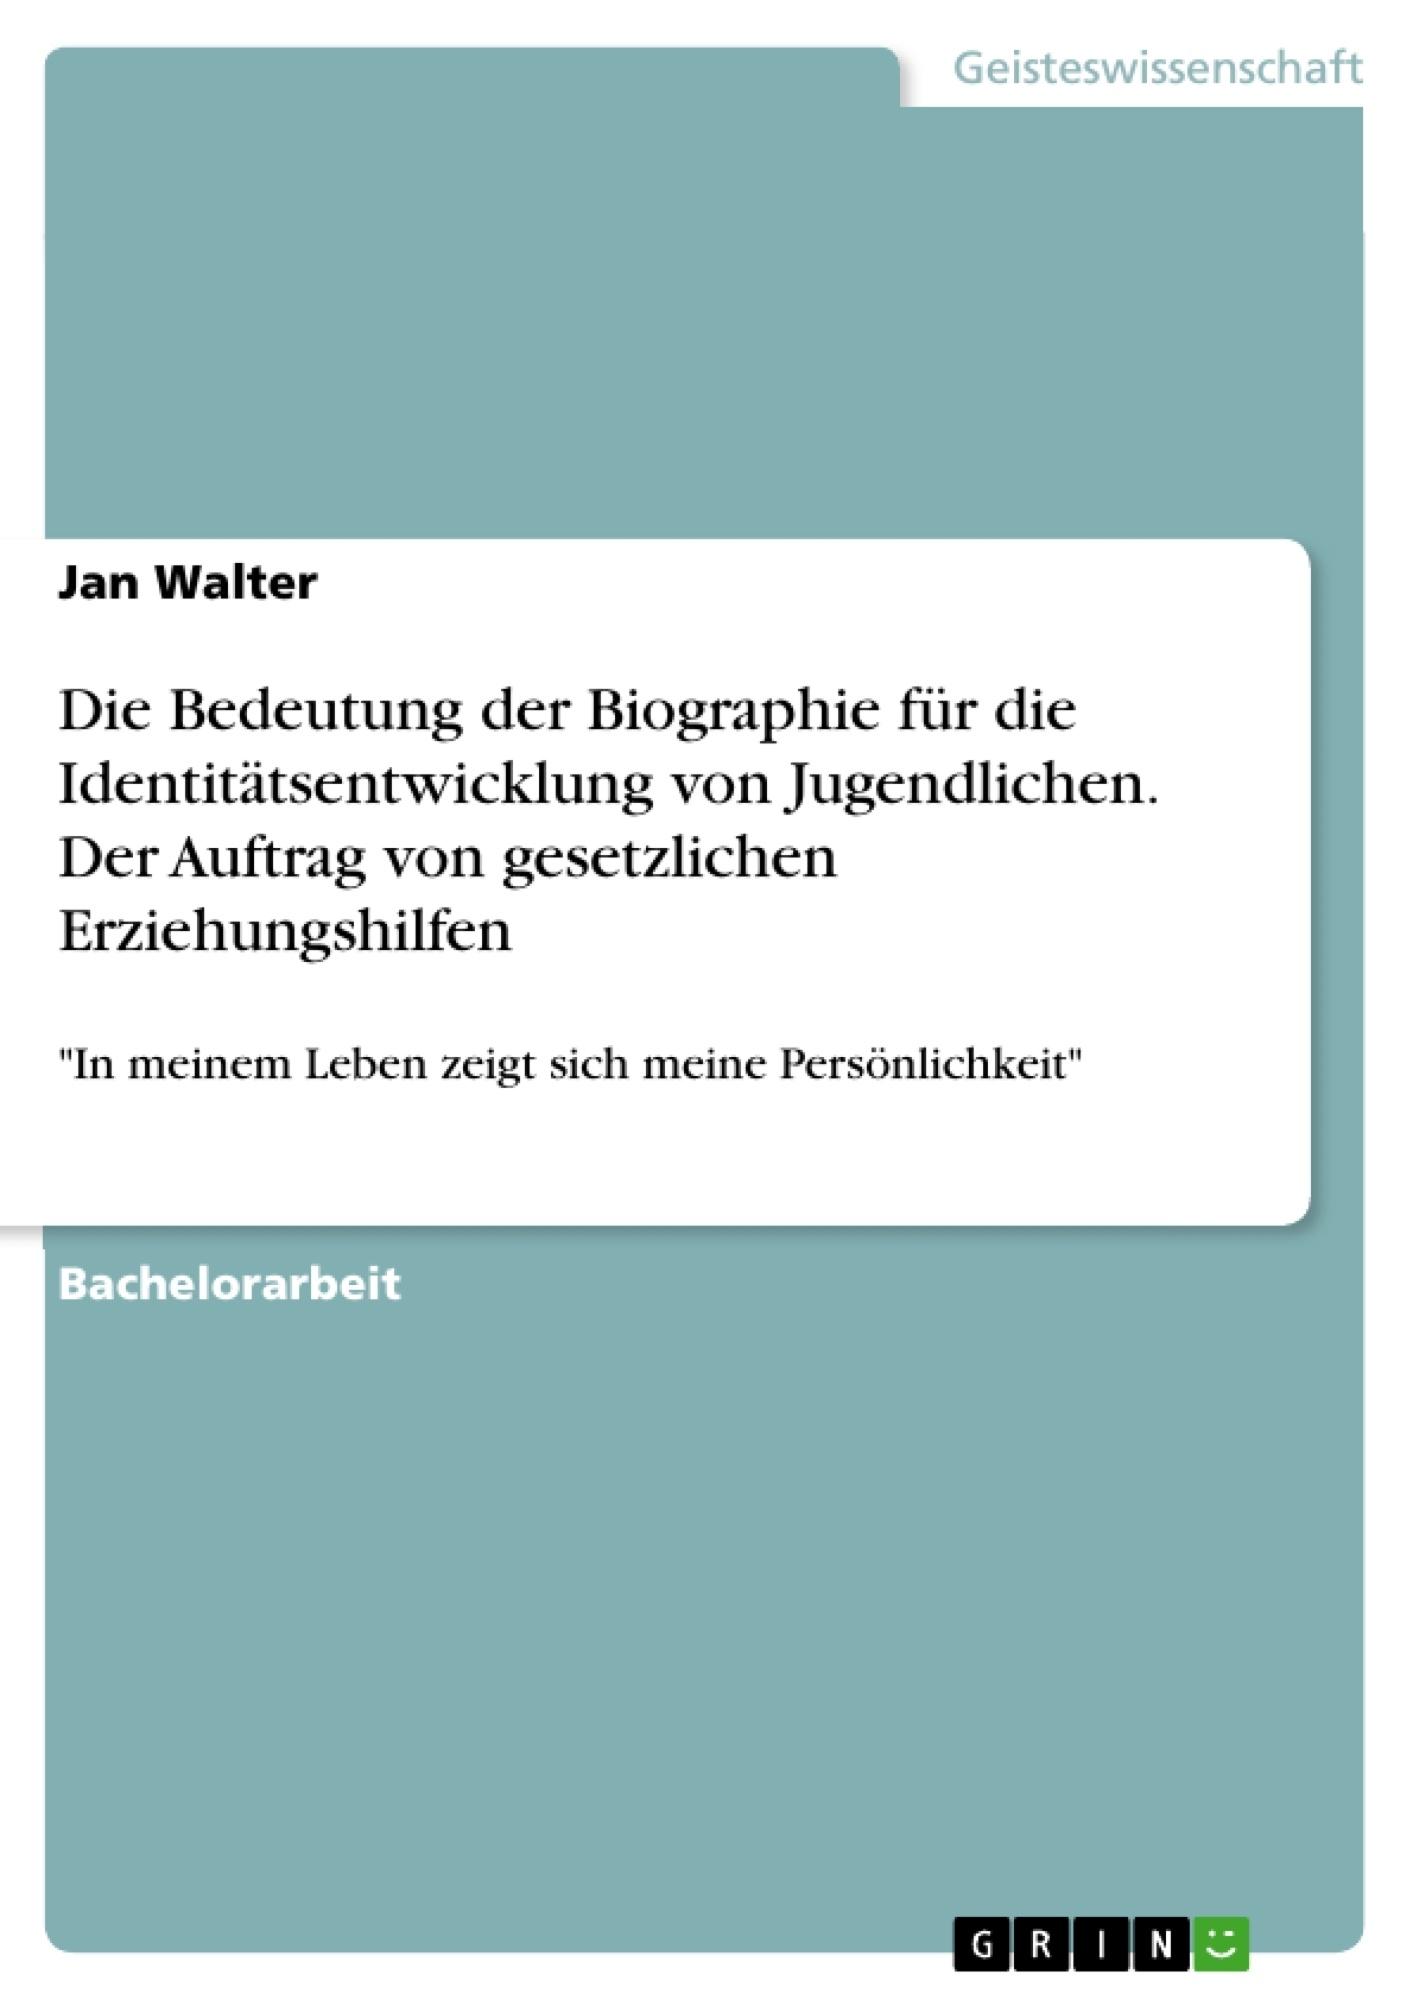 Titel: Die Bedeutung der Biographie für die Identitätsentwicklung von Jugendlichen. Der Auftrag von gesetzlichen Erziehungshilfen